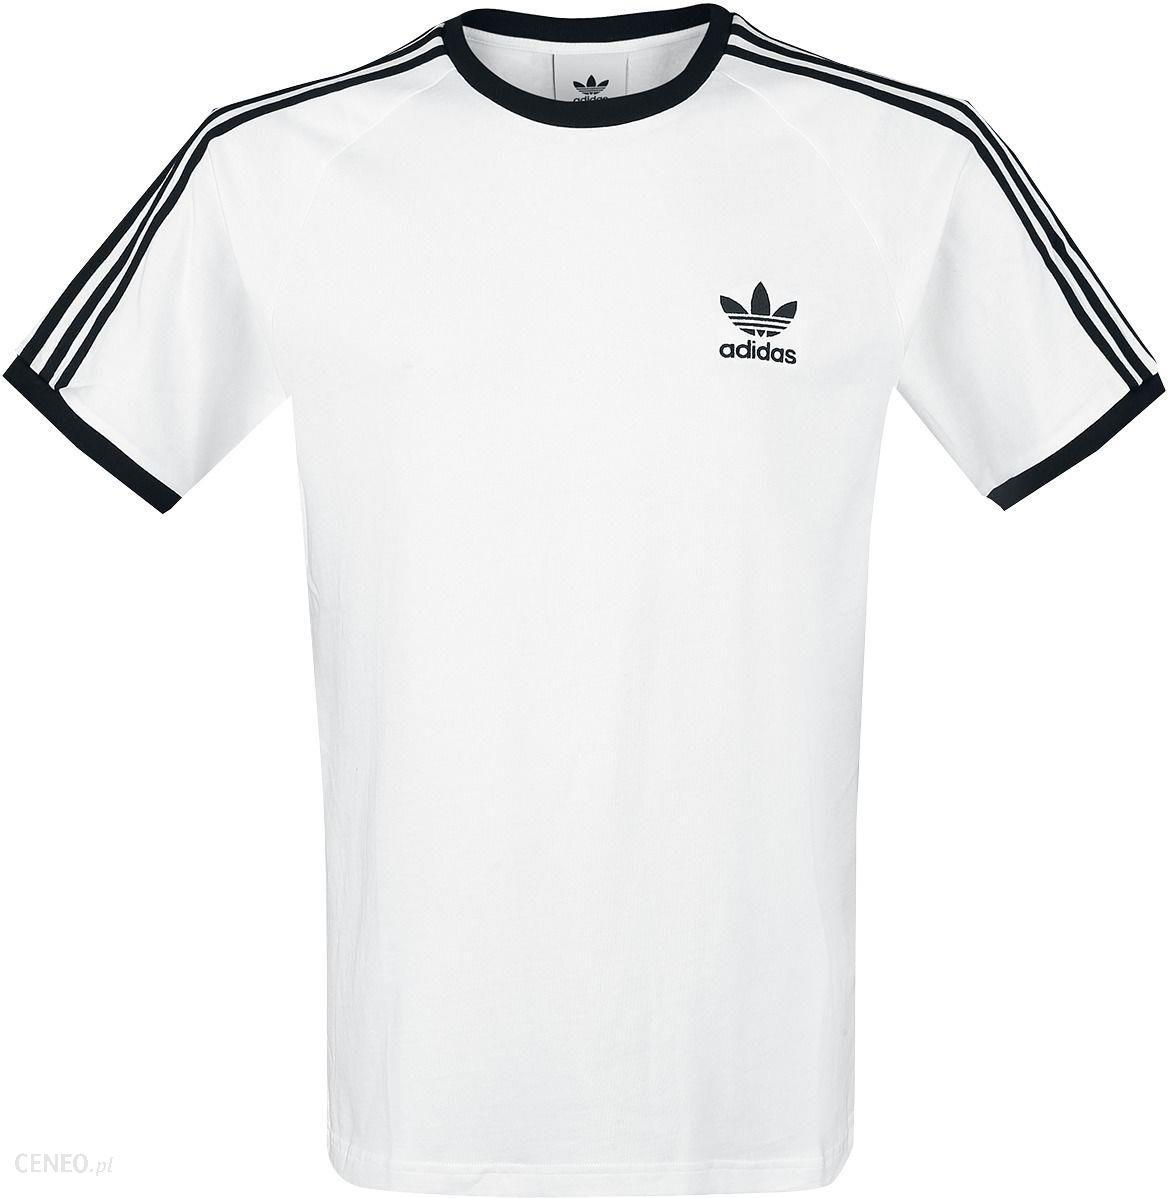 Adidas 3 Stripes Tee T Shirt Mężczyźni białyczarny